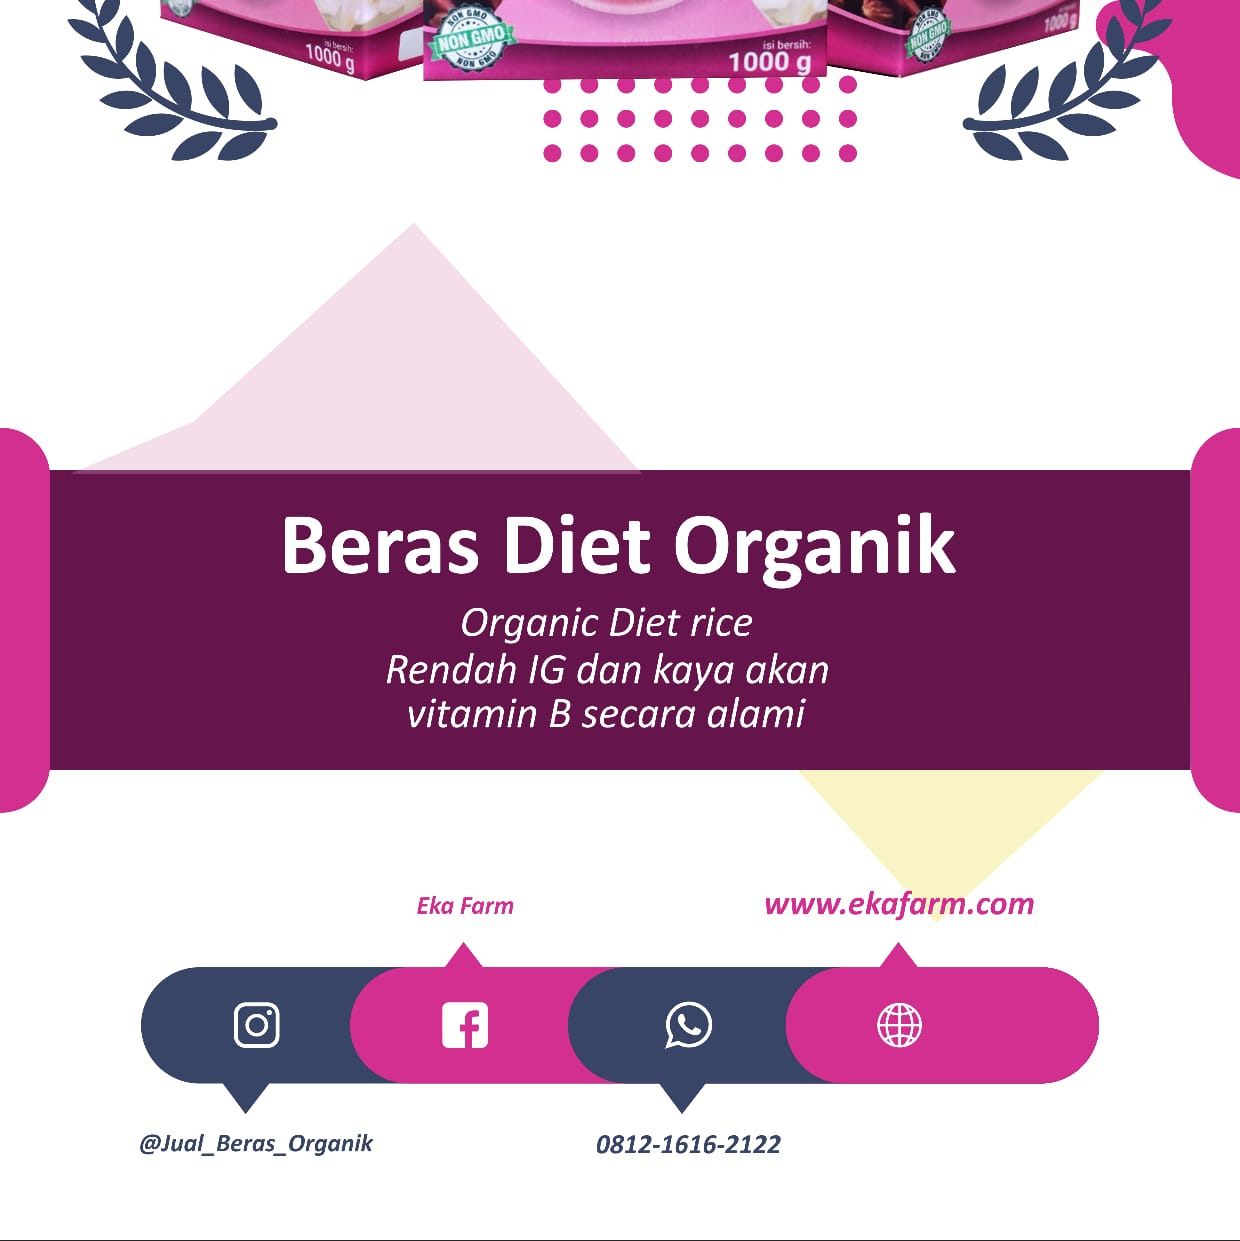 Ingin Diet Namun Tetap Makan Nasi- Grosir Beras Organik